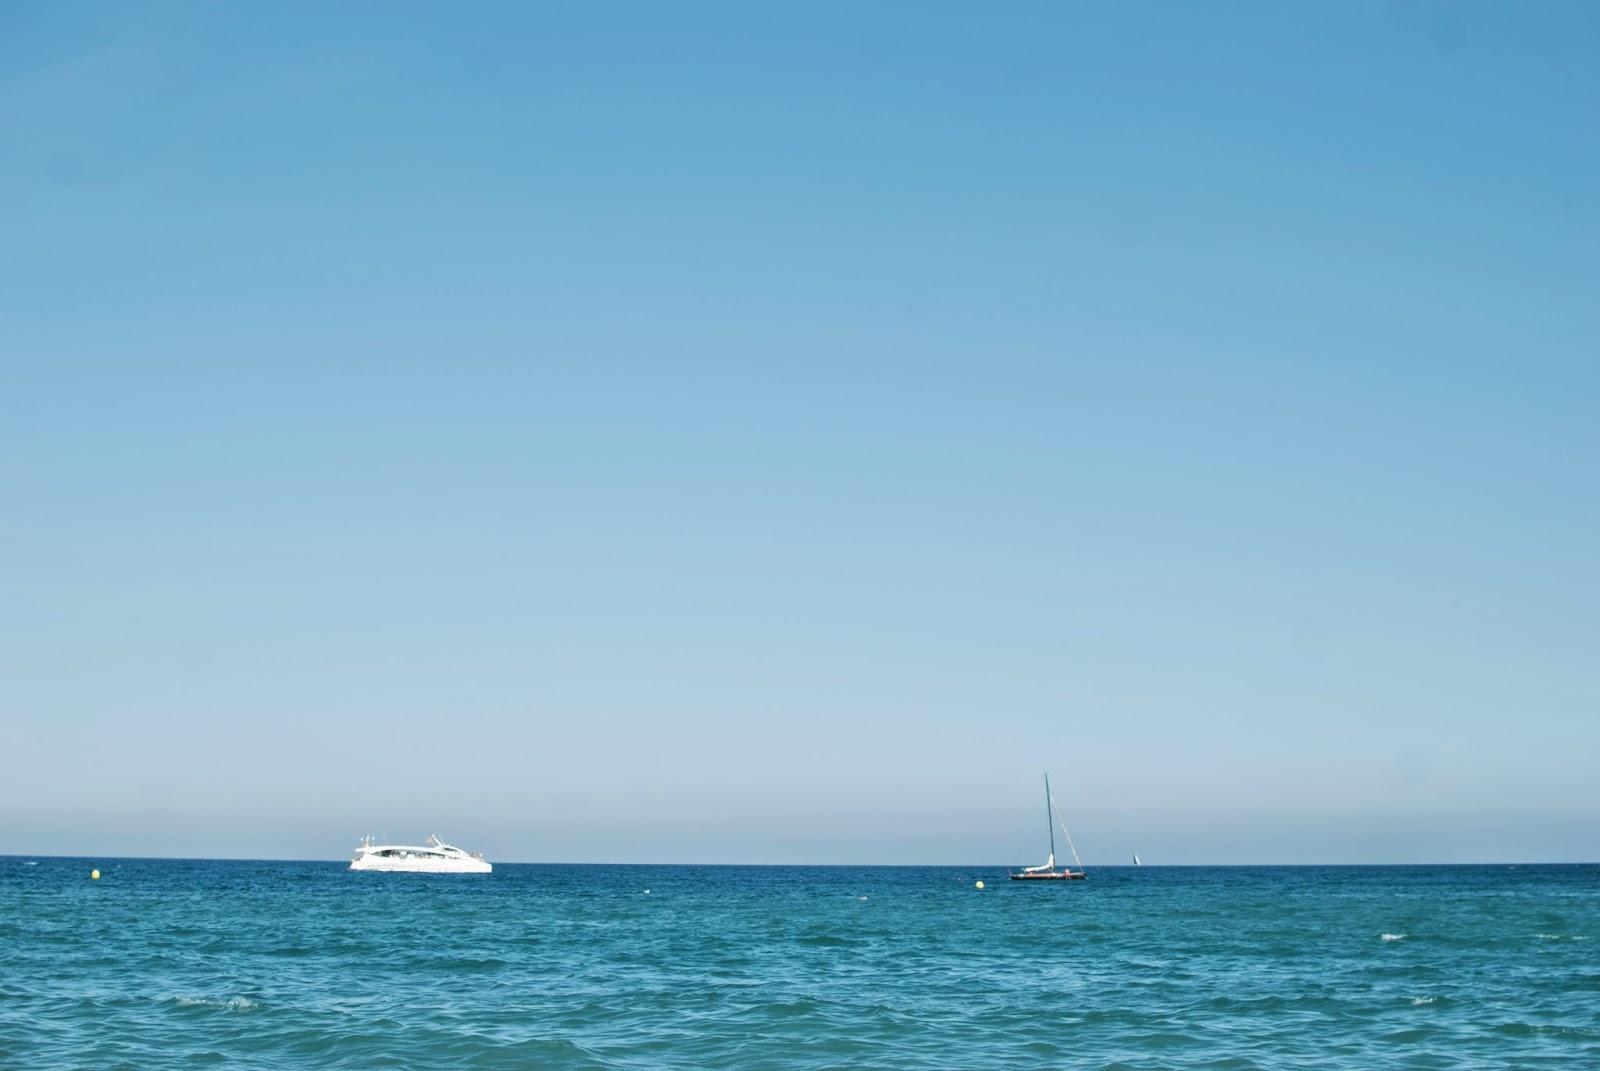 kék ég és kék tenger, rajta két hajó pihen a messzi távolban